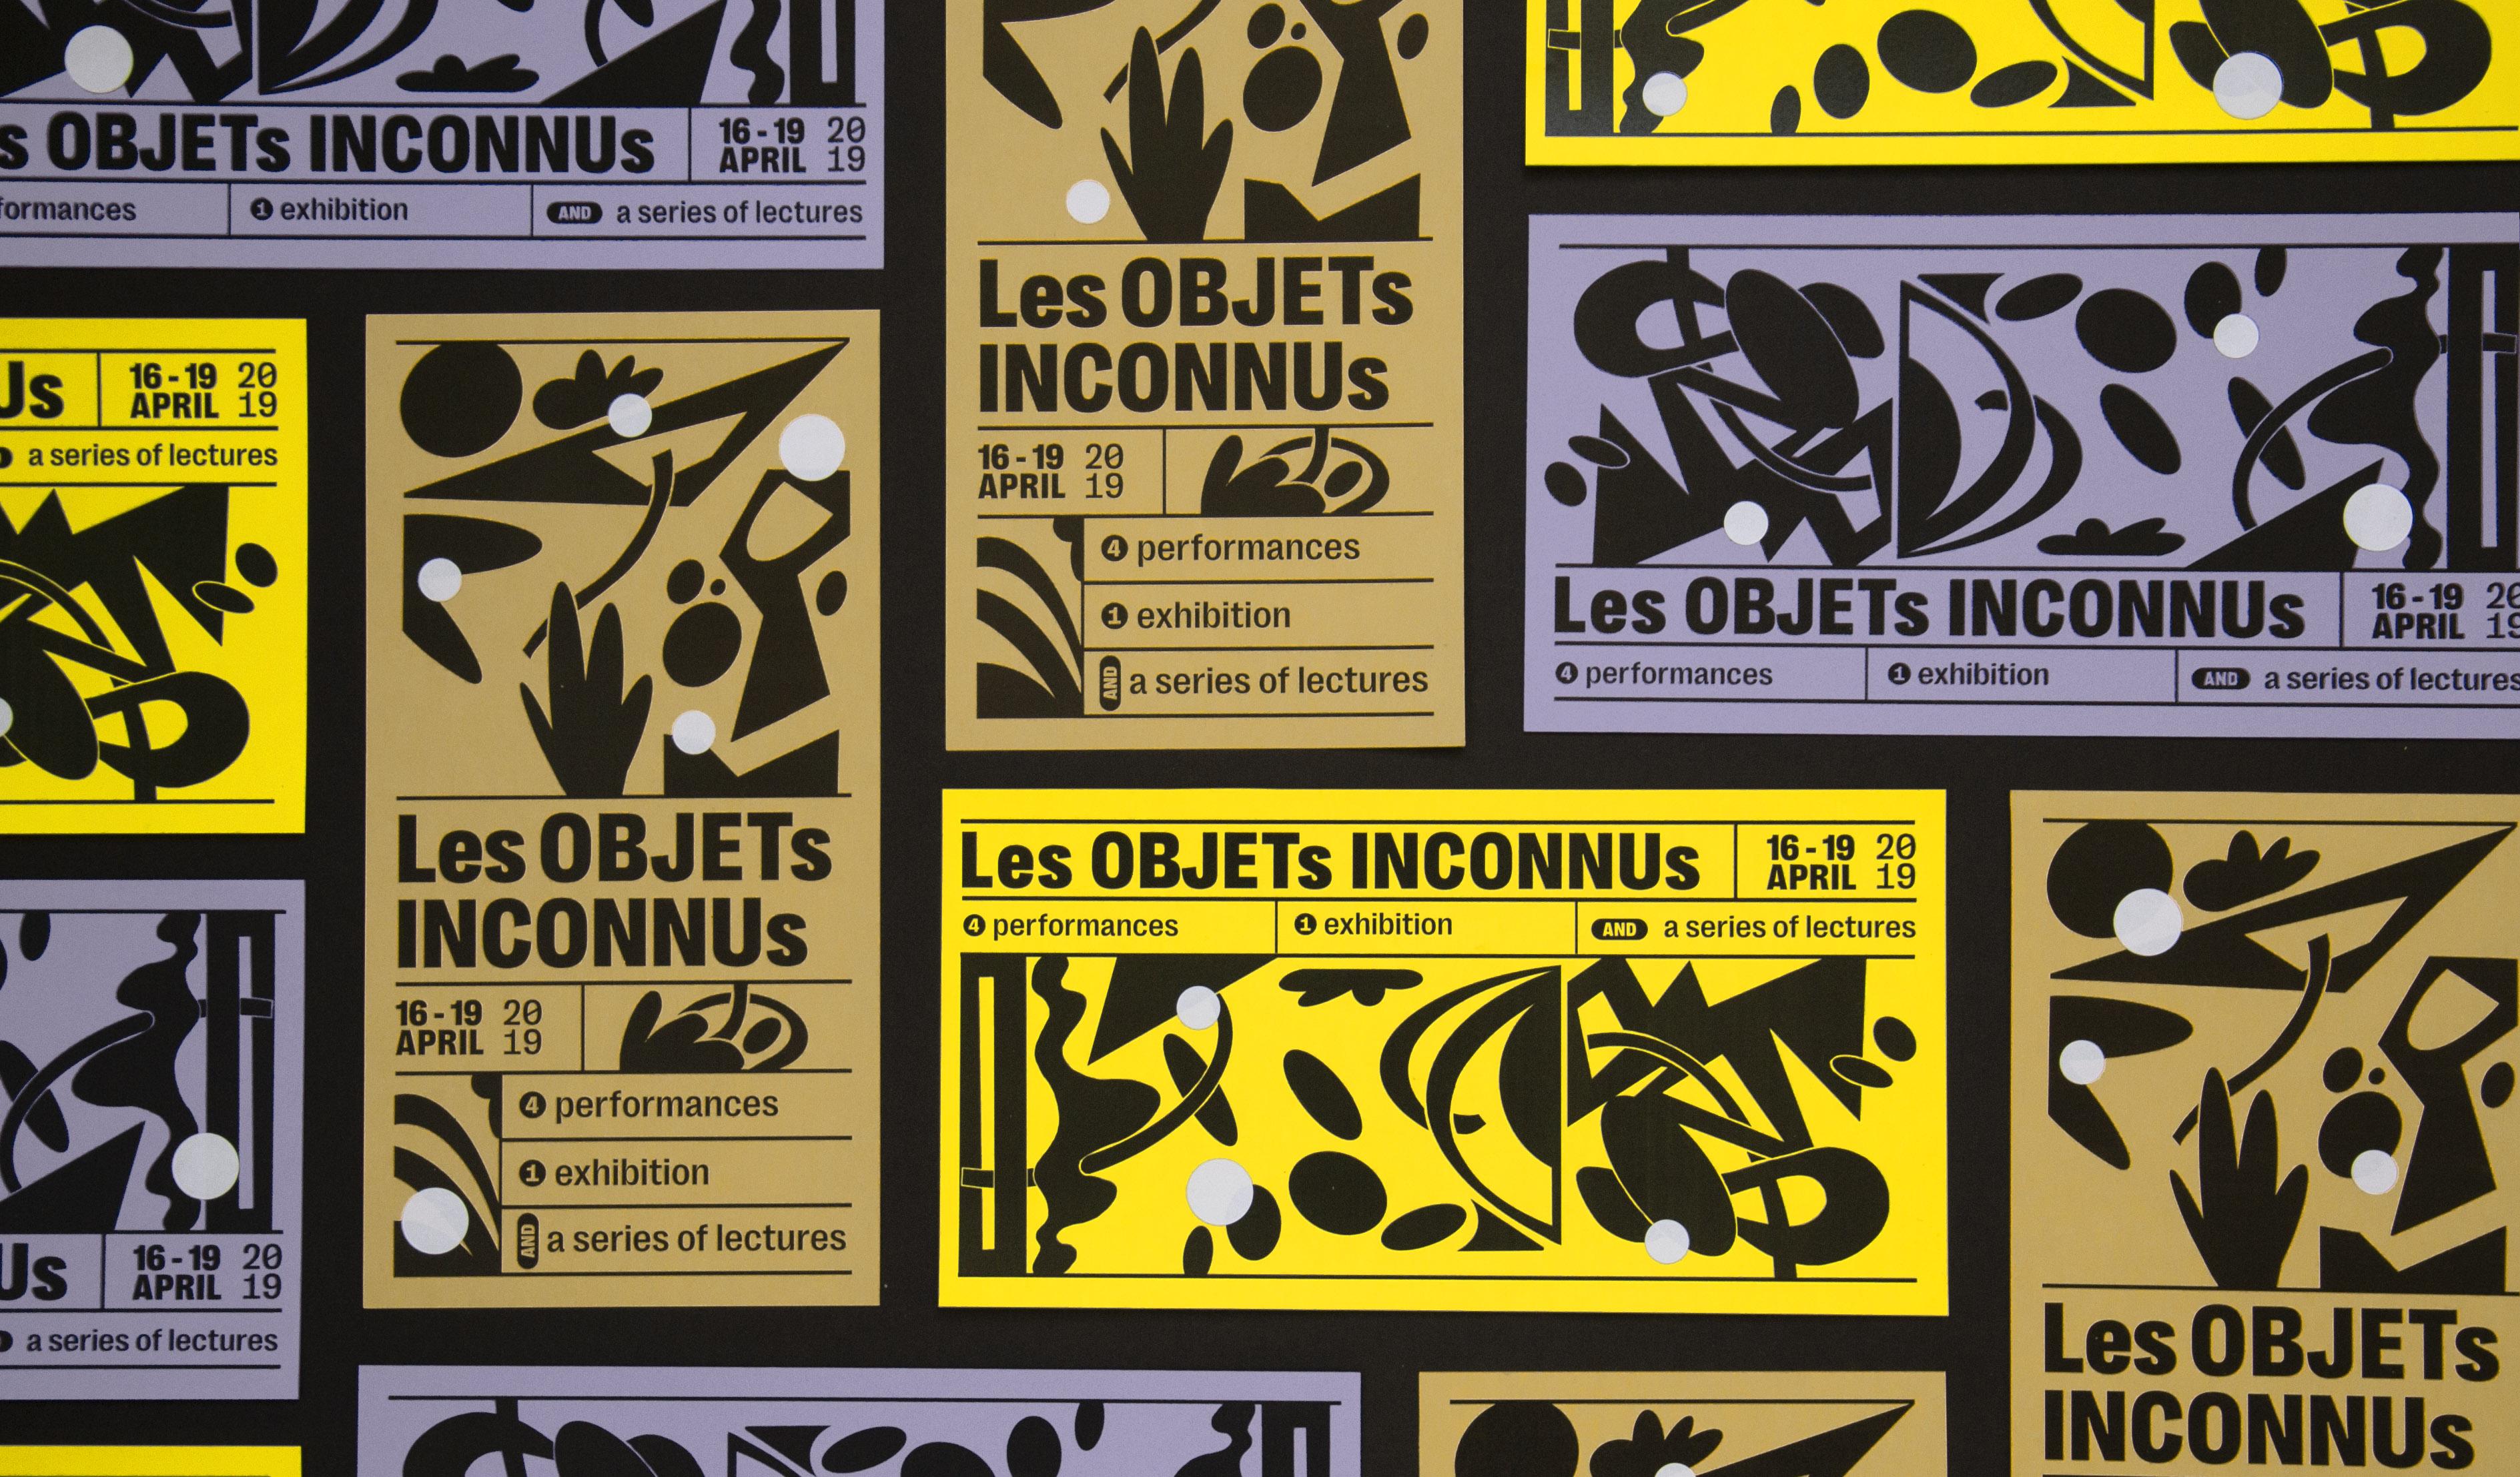 flyers ontworpen voor een tentoonsteling